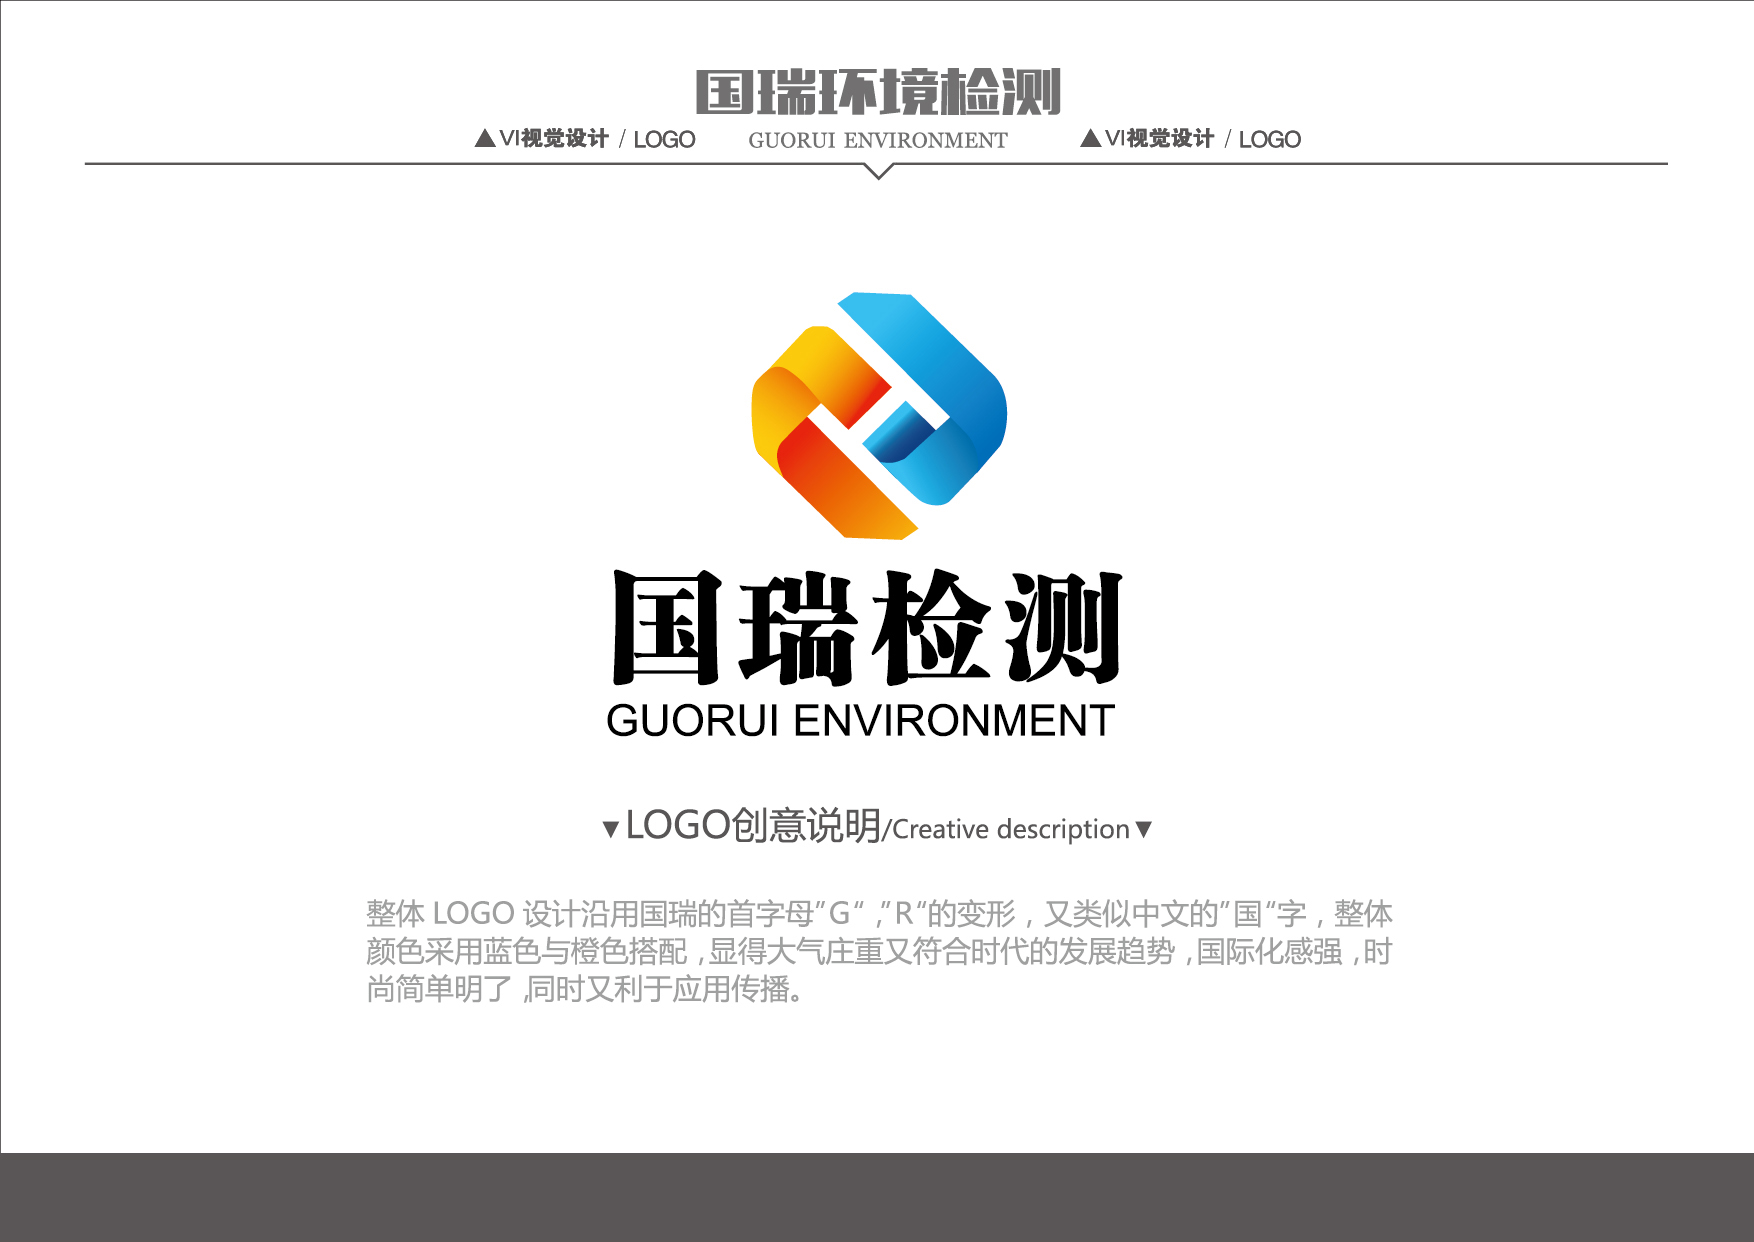 泰州國瑞環境檢測有限公司